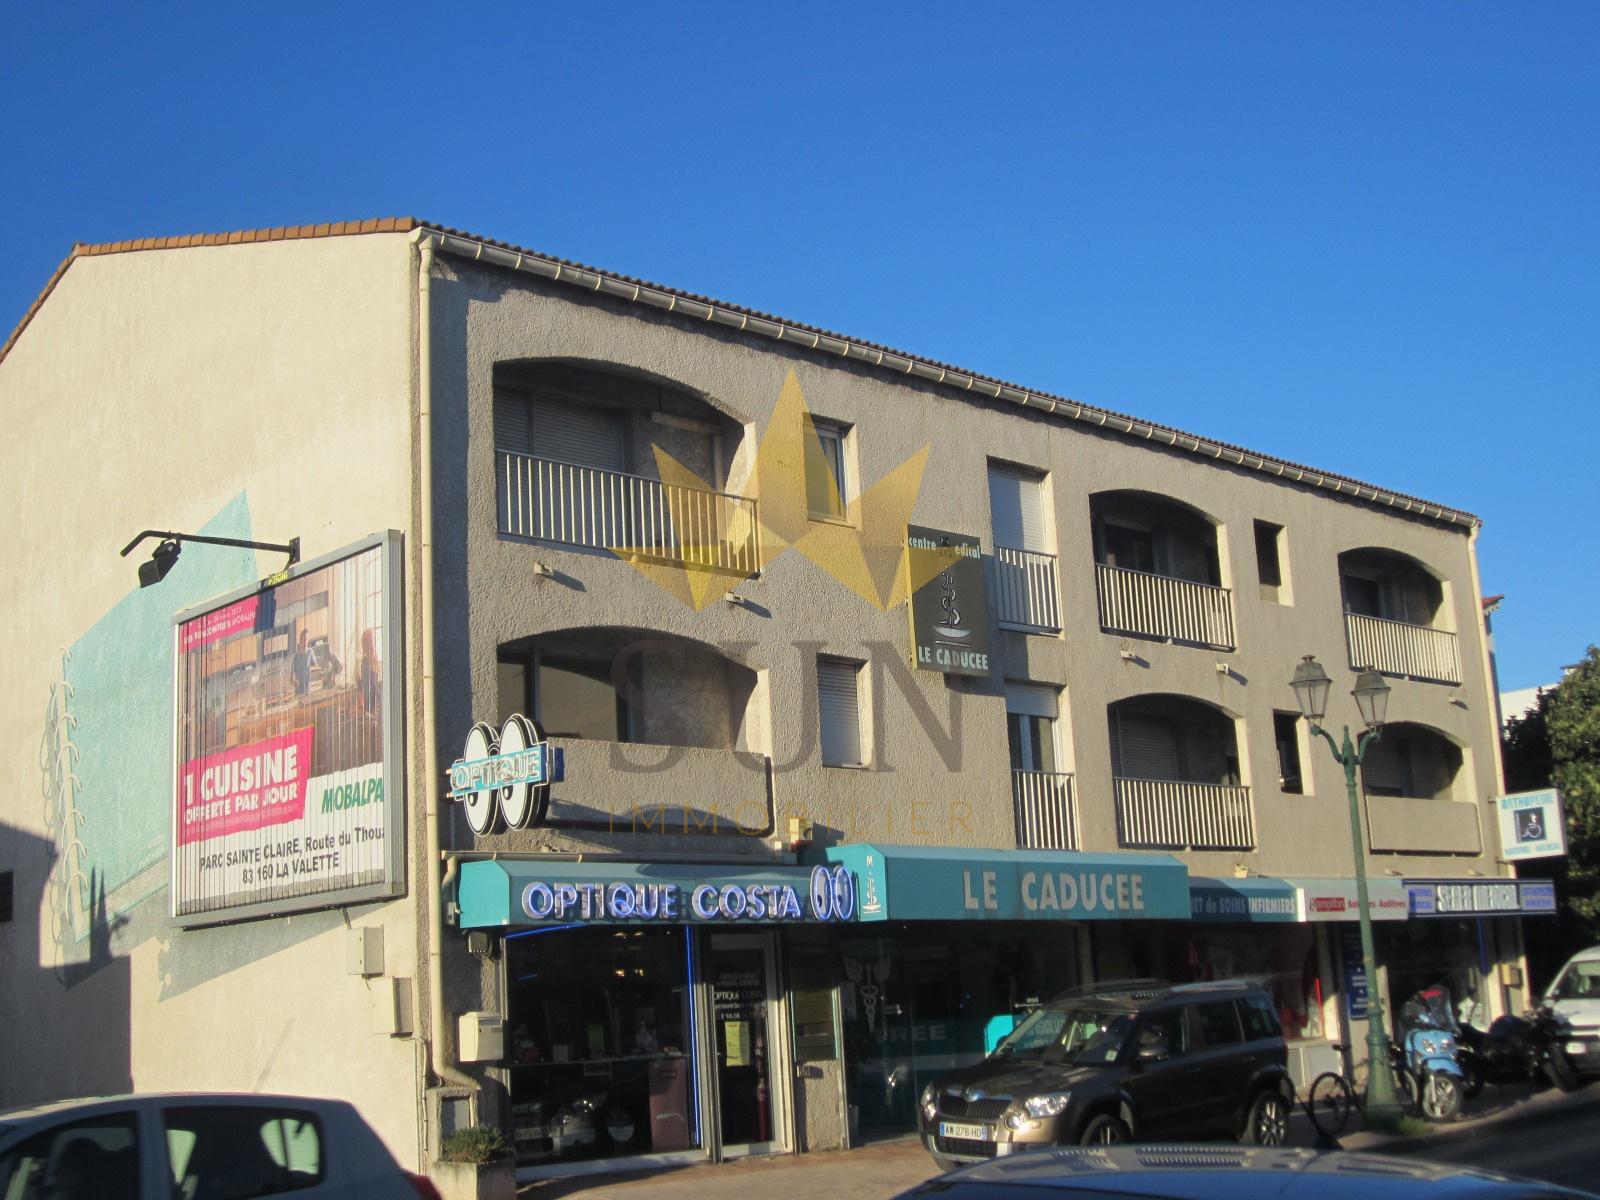 Location garage a louer dans r sidence s curisee au pradet for Garage limoges centre ville